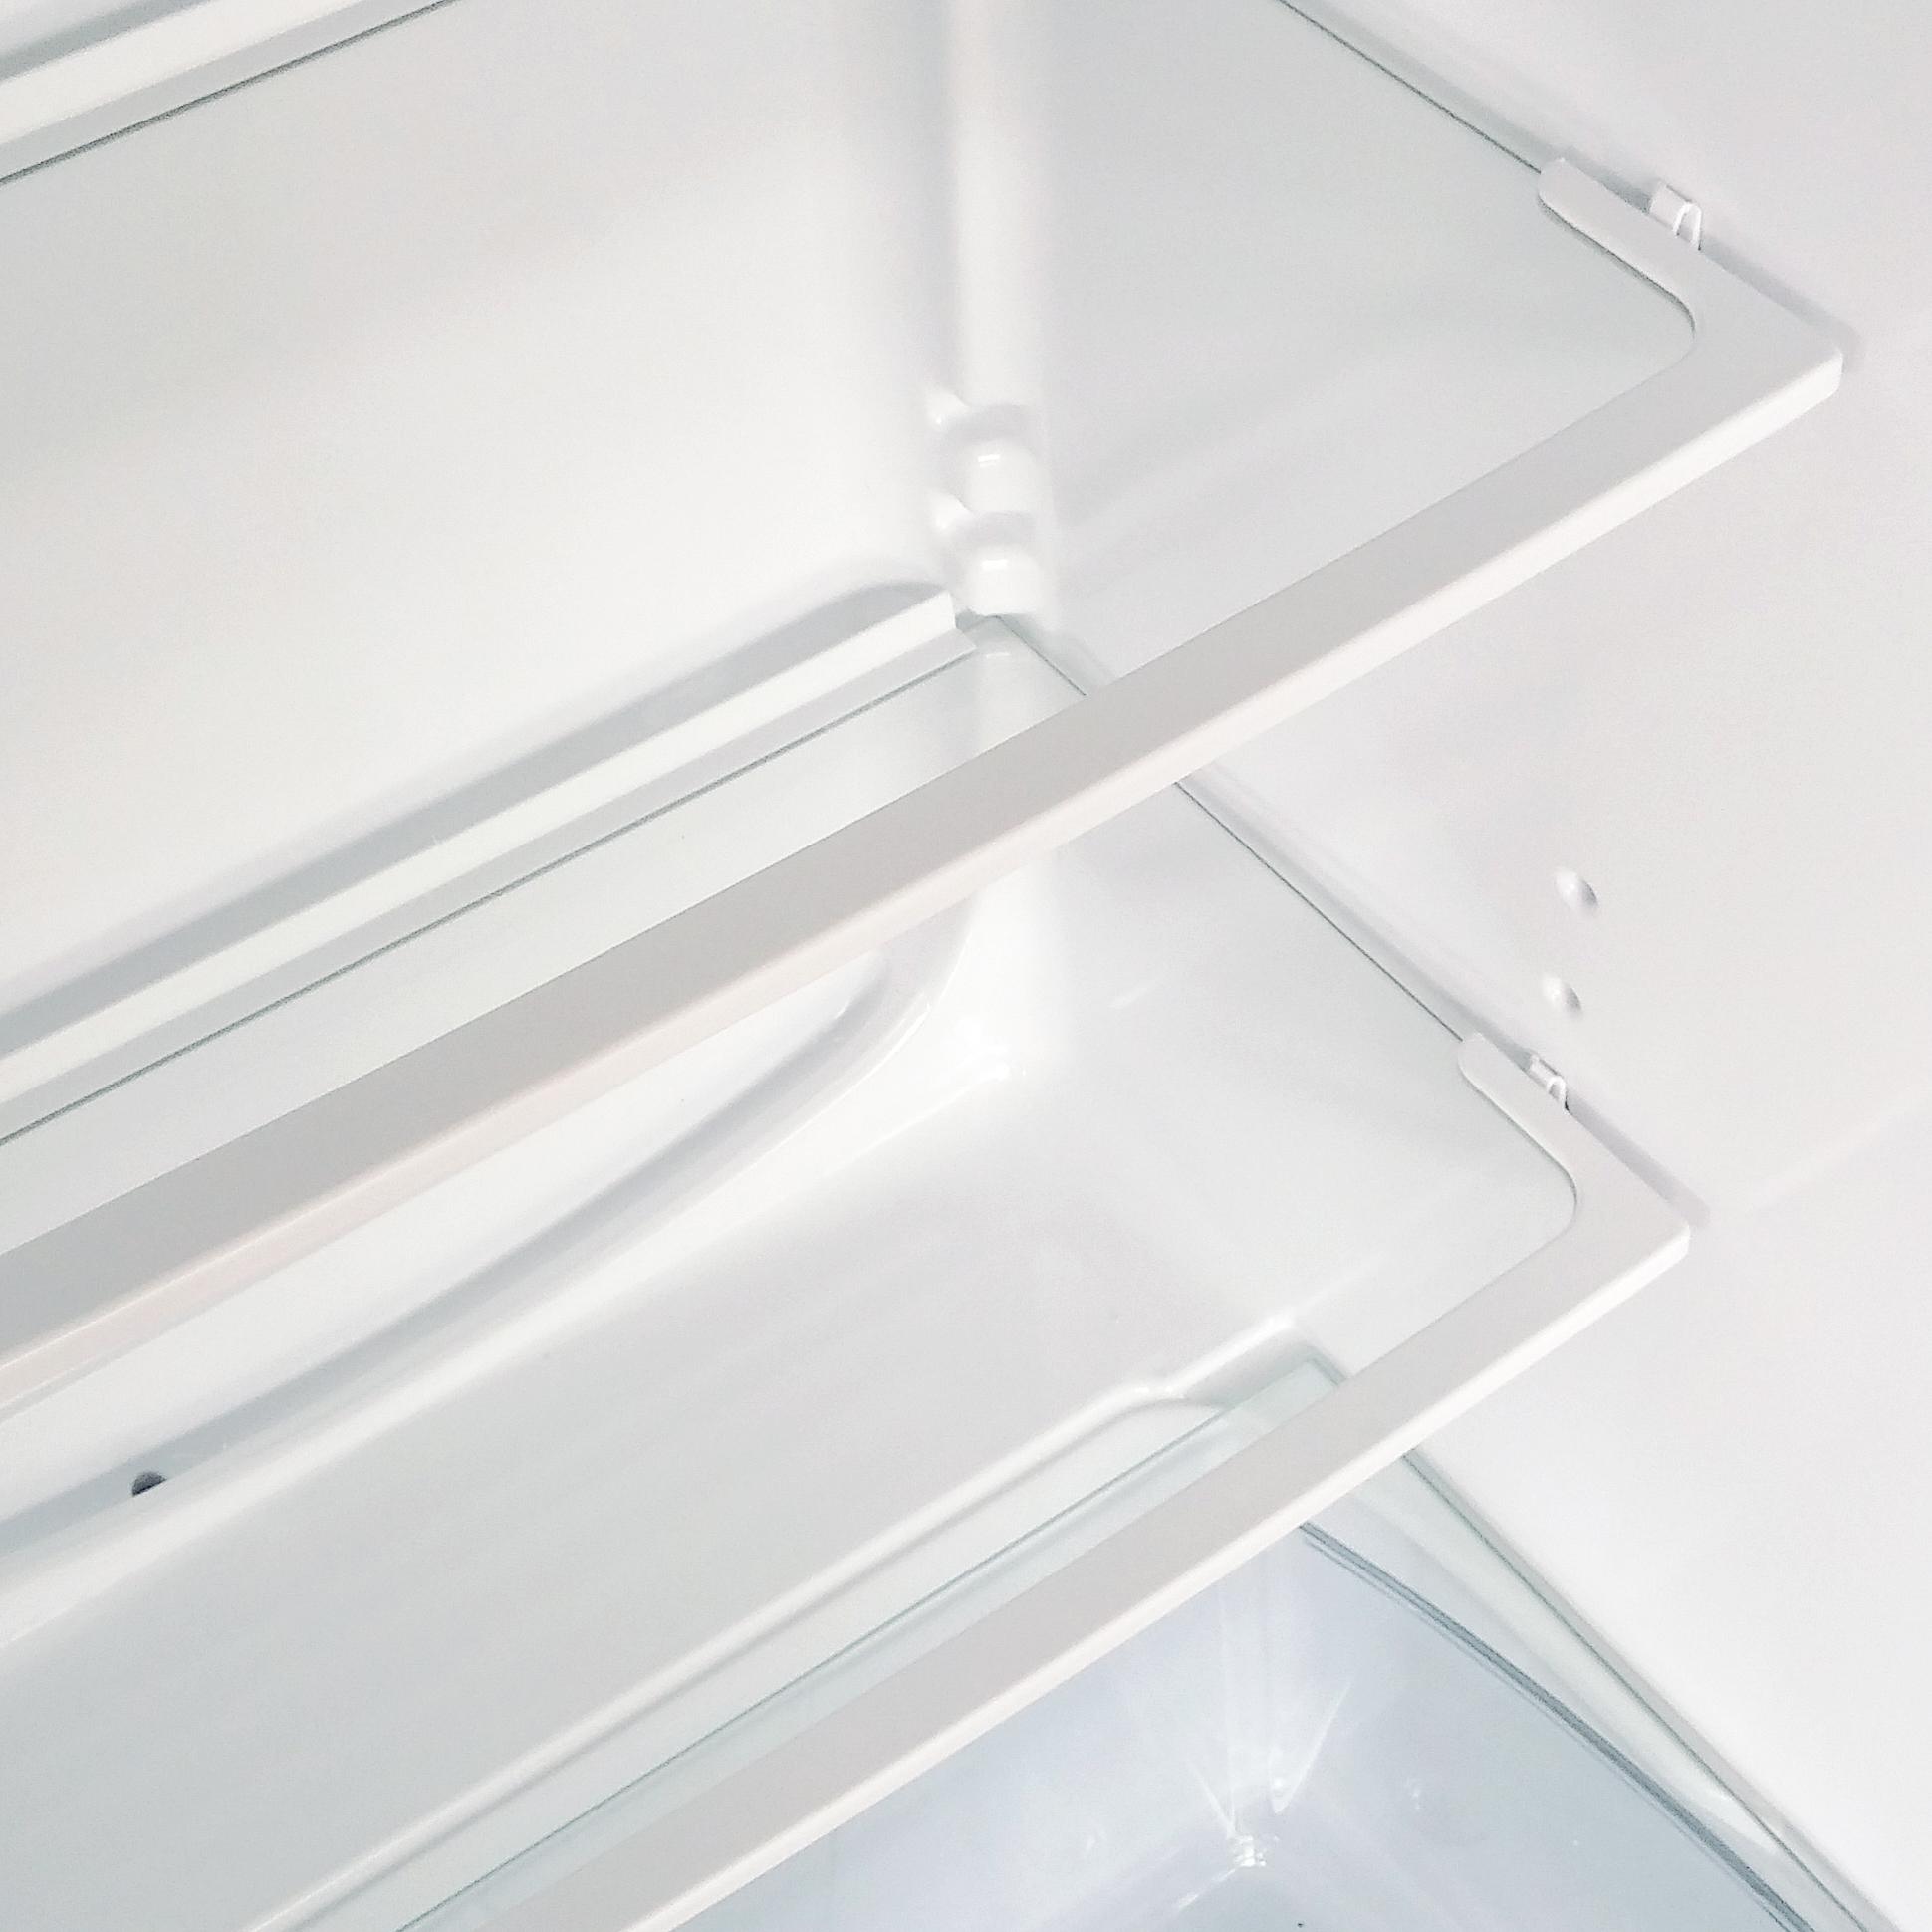 adjustable-safety-glass-shelves-1.jpg